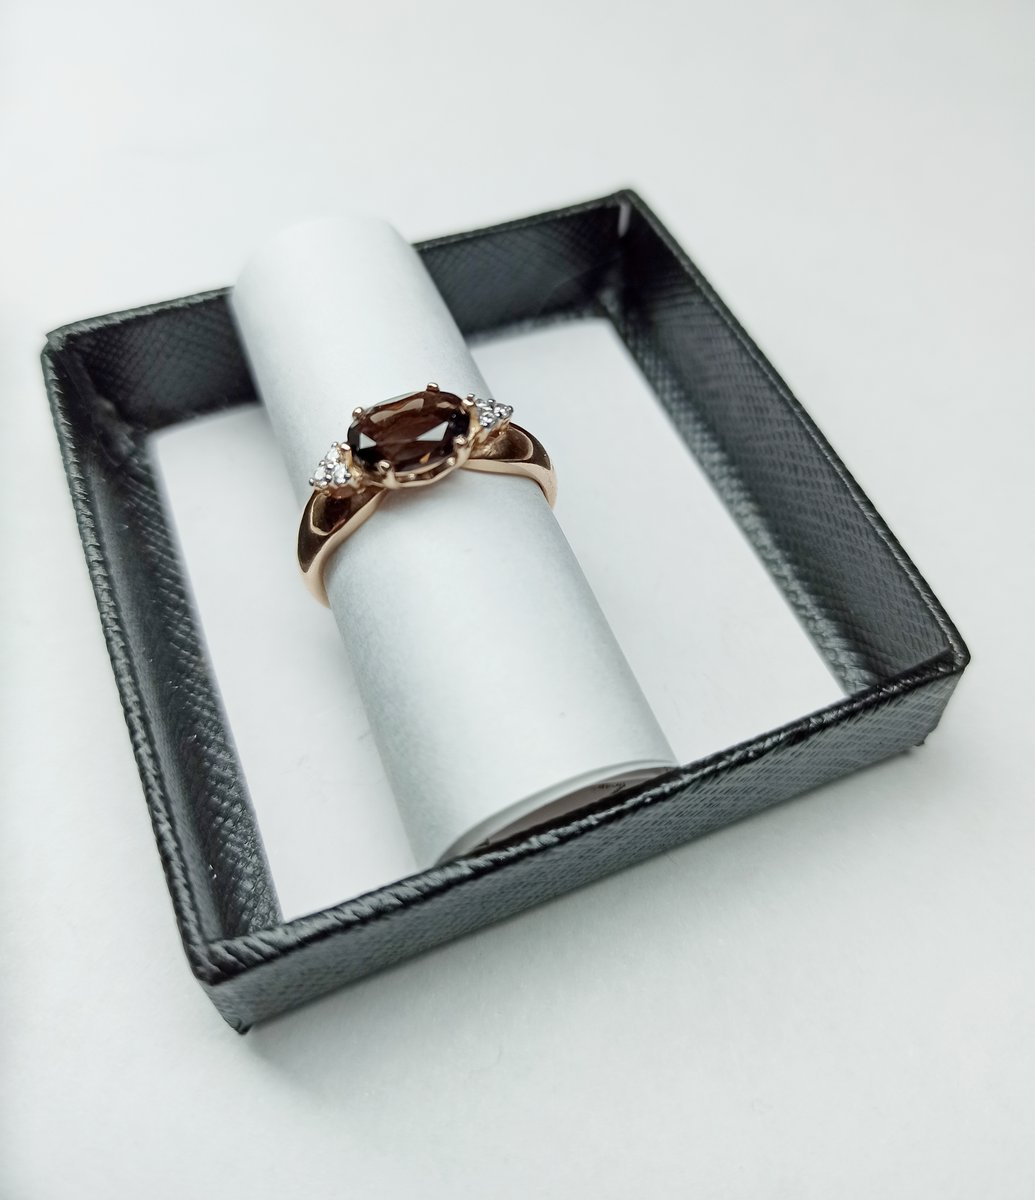 Кольцо серебряное позолоченное, размер 17